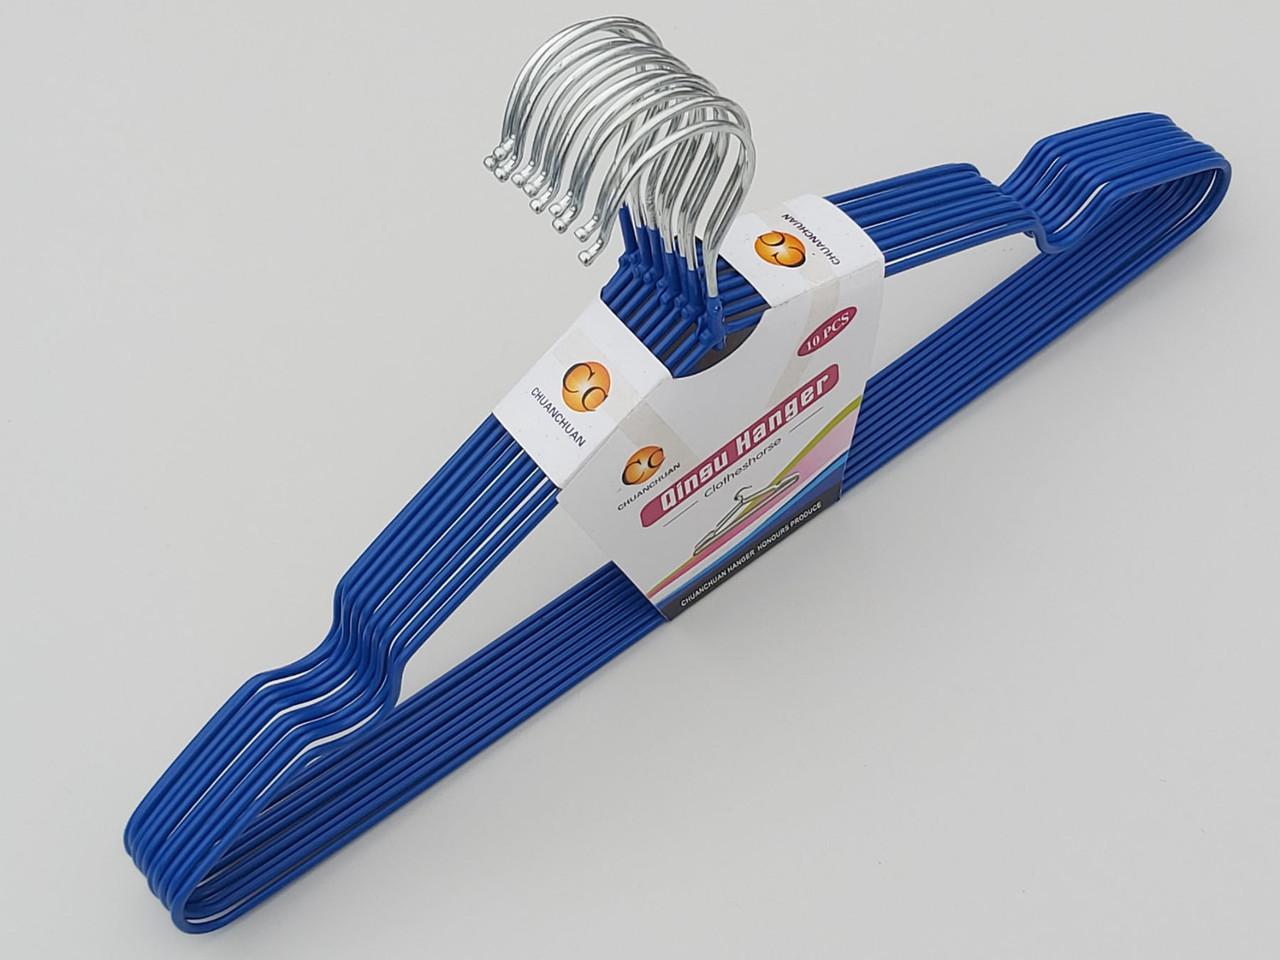 Плічка металеві в силіконовому покриття синього кольору, 40,5 см, 10 штук в упаковці